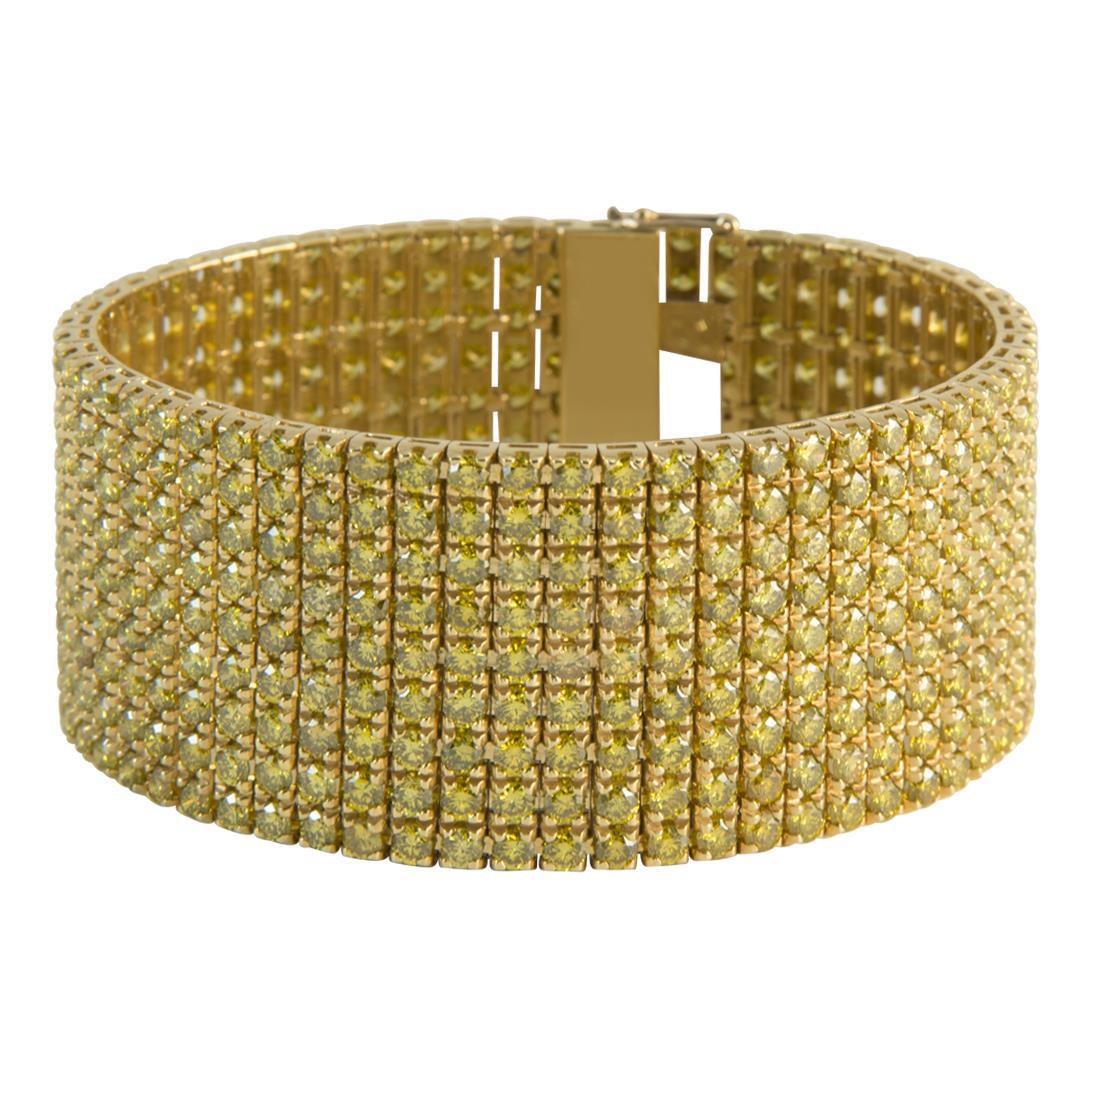 Bracciale tennis unito 9 file in oro giallo 18kt con diamanti ct 37.00 - ALFIERI ST JOHN